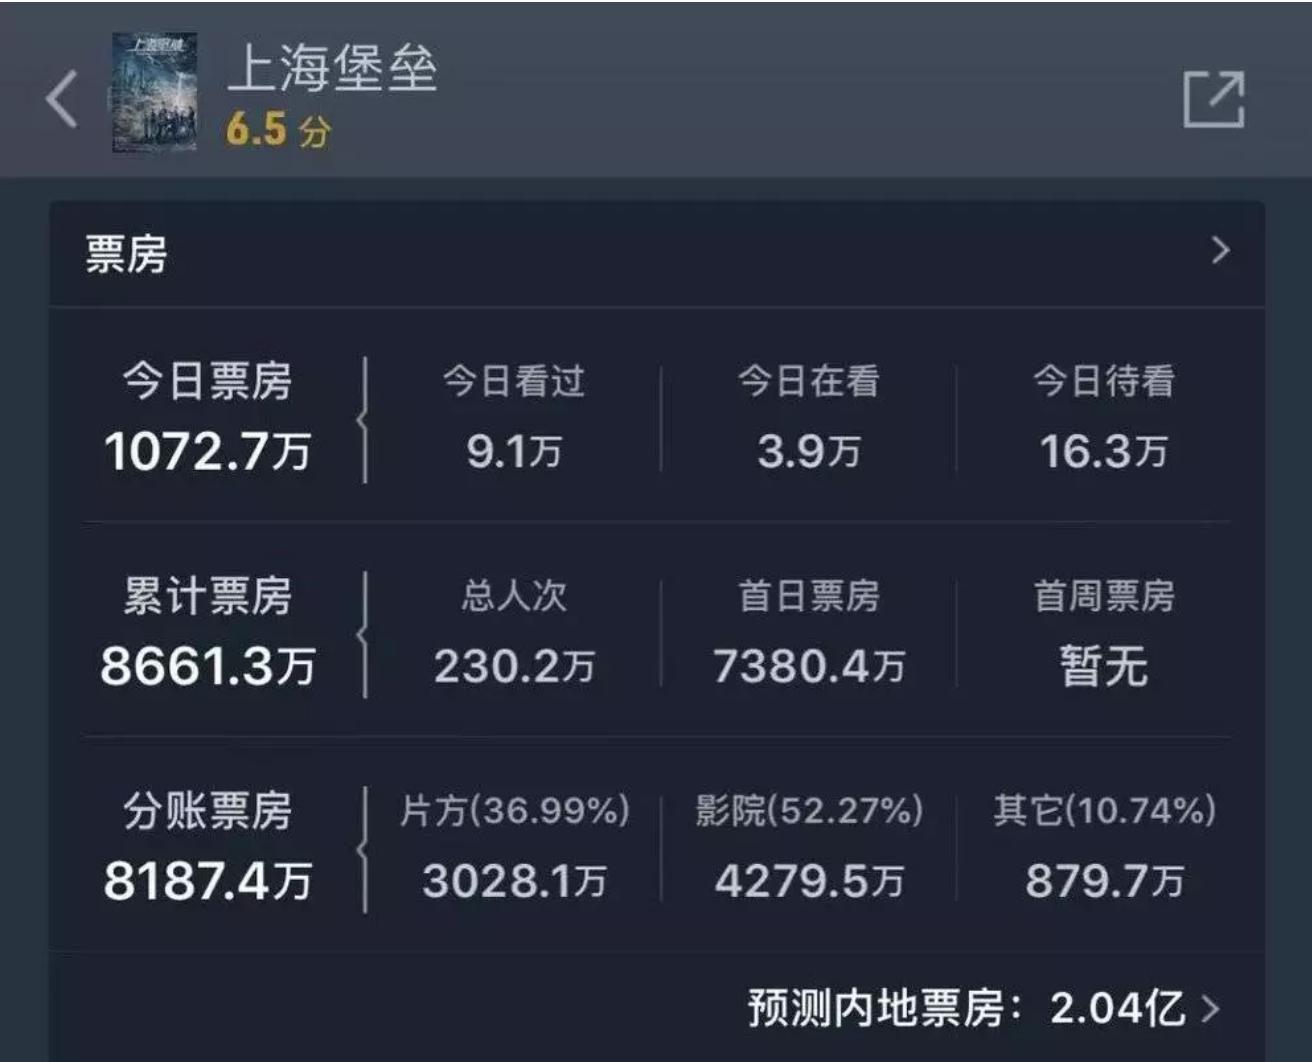 《上海堡垒》倒掉了,中国电影有救了 热门事件 第5张